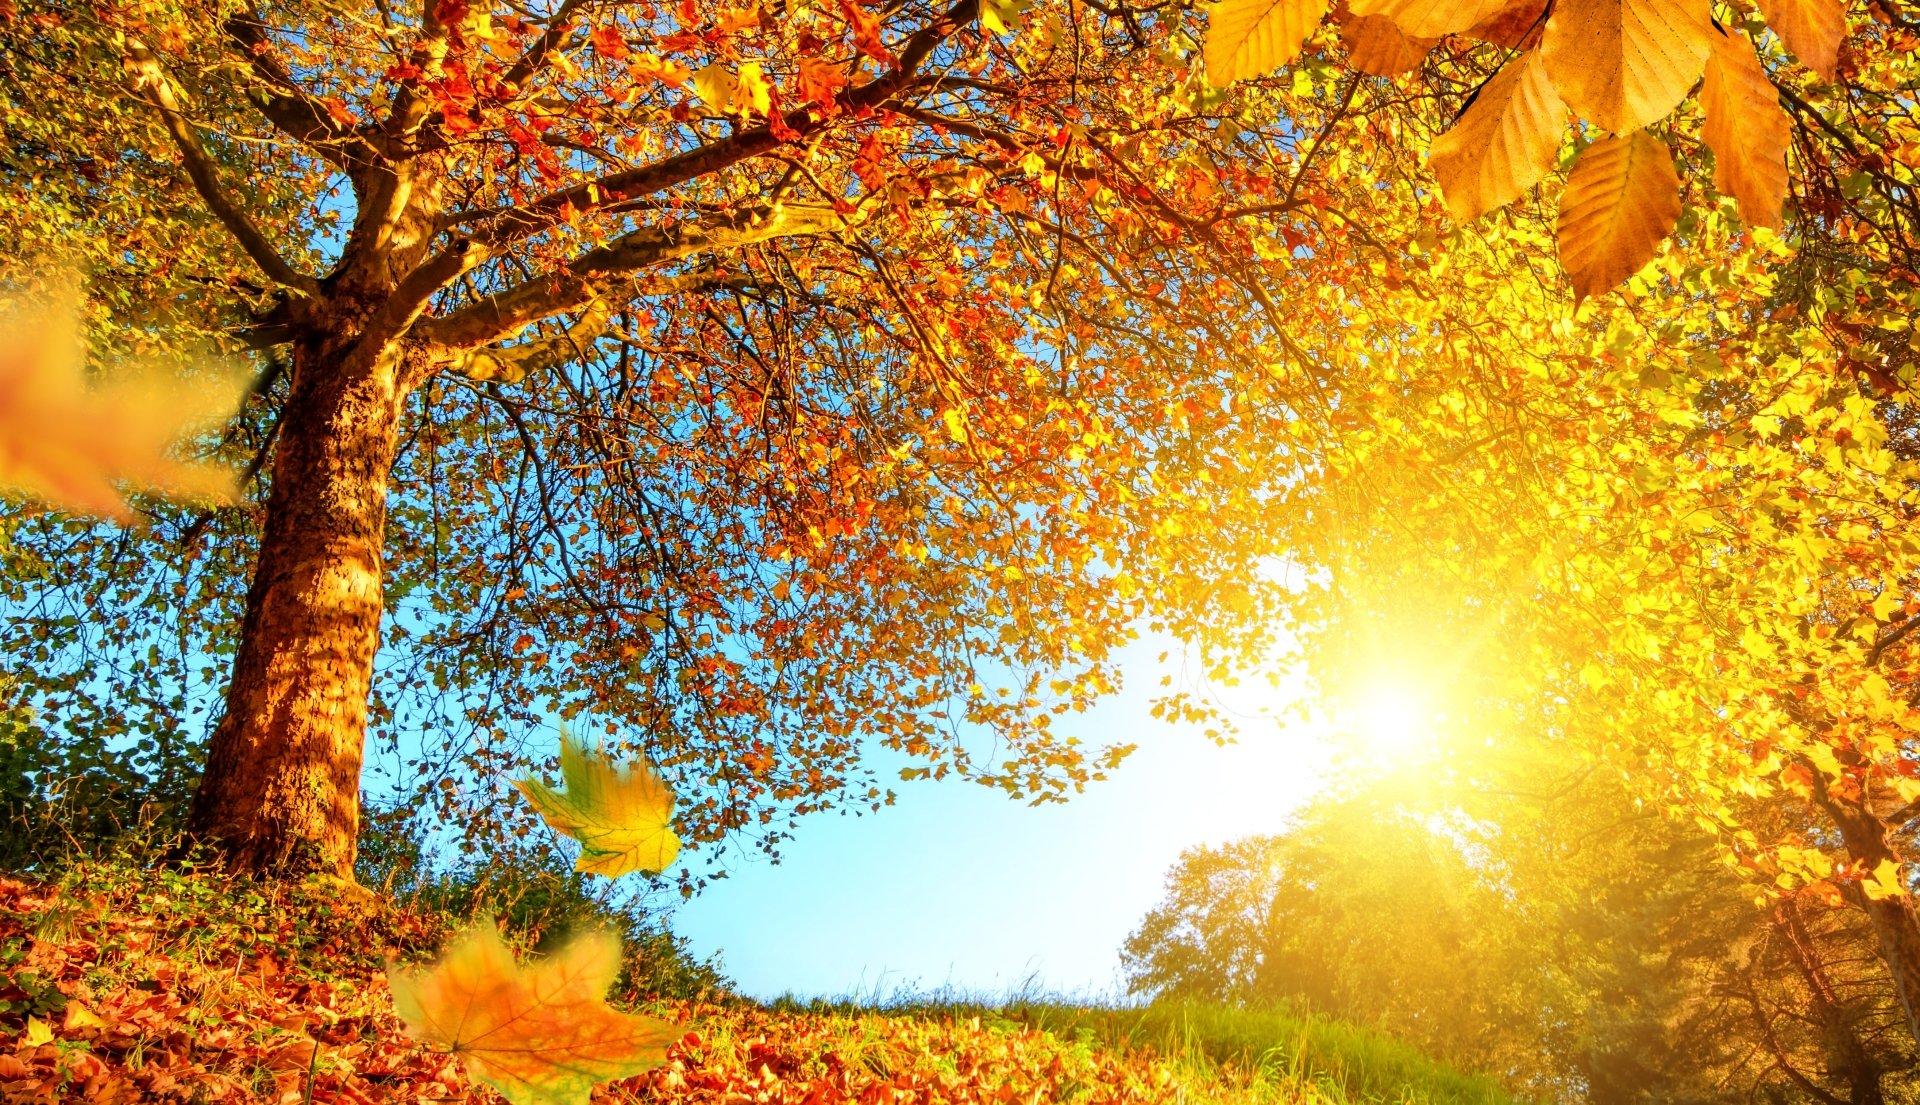 Earth - Fall  Nature Tree Leaf Sunny Foliage Wallpaper